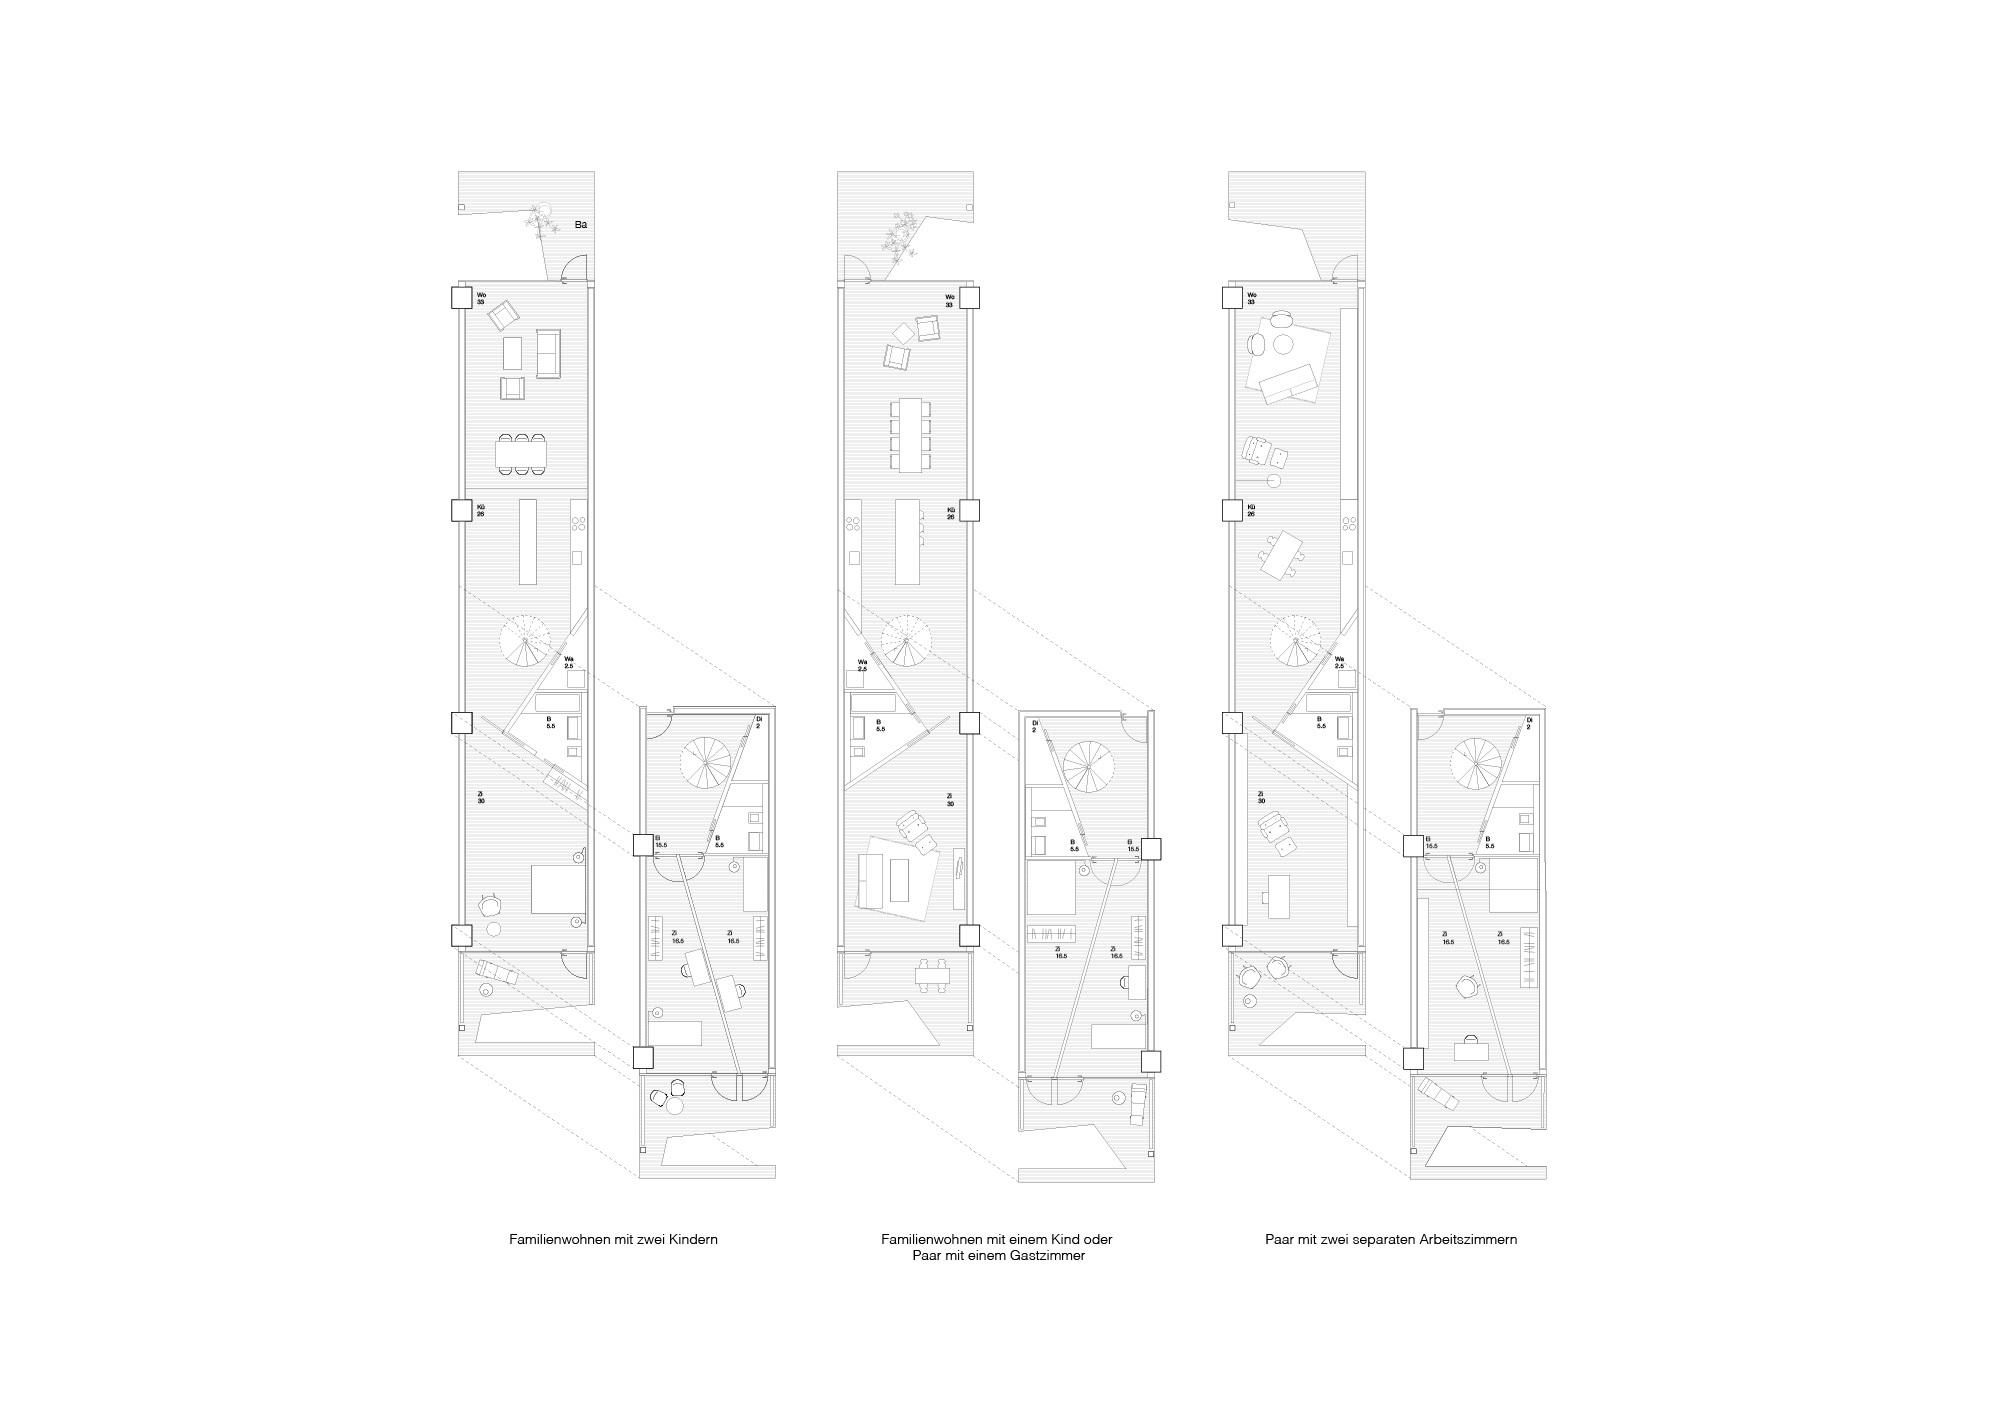 Ungewöhnlich 87 Gebäude Diagramm Bild Ideen Bilder - Schaltplan ...